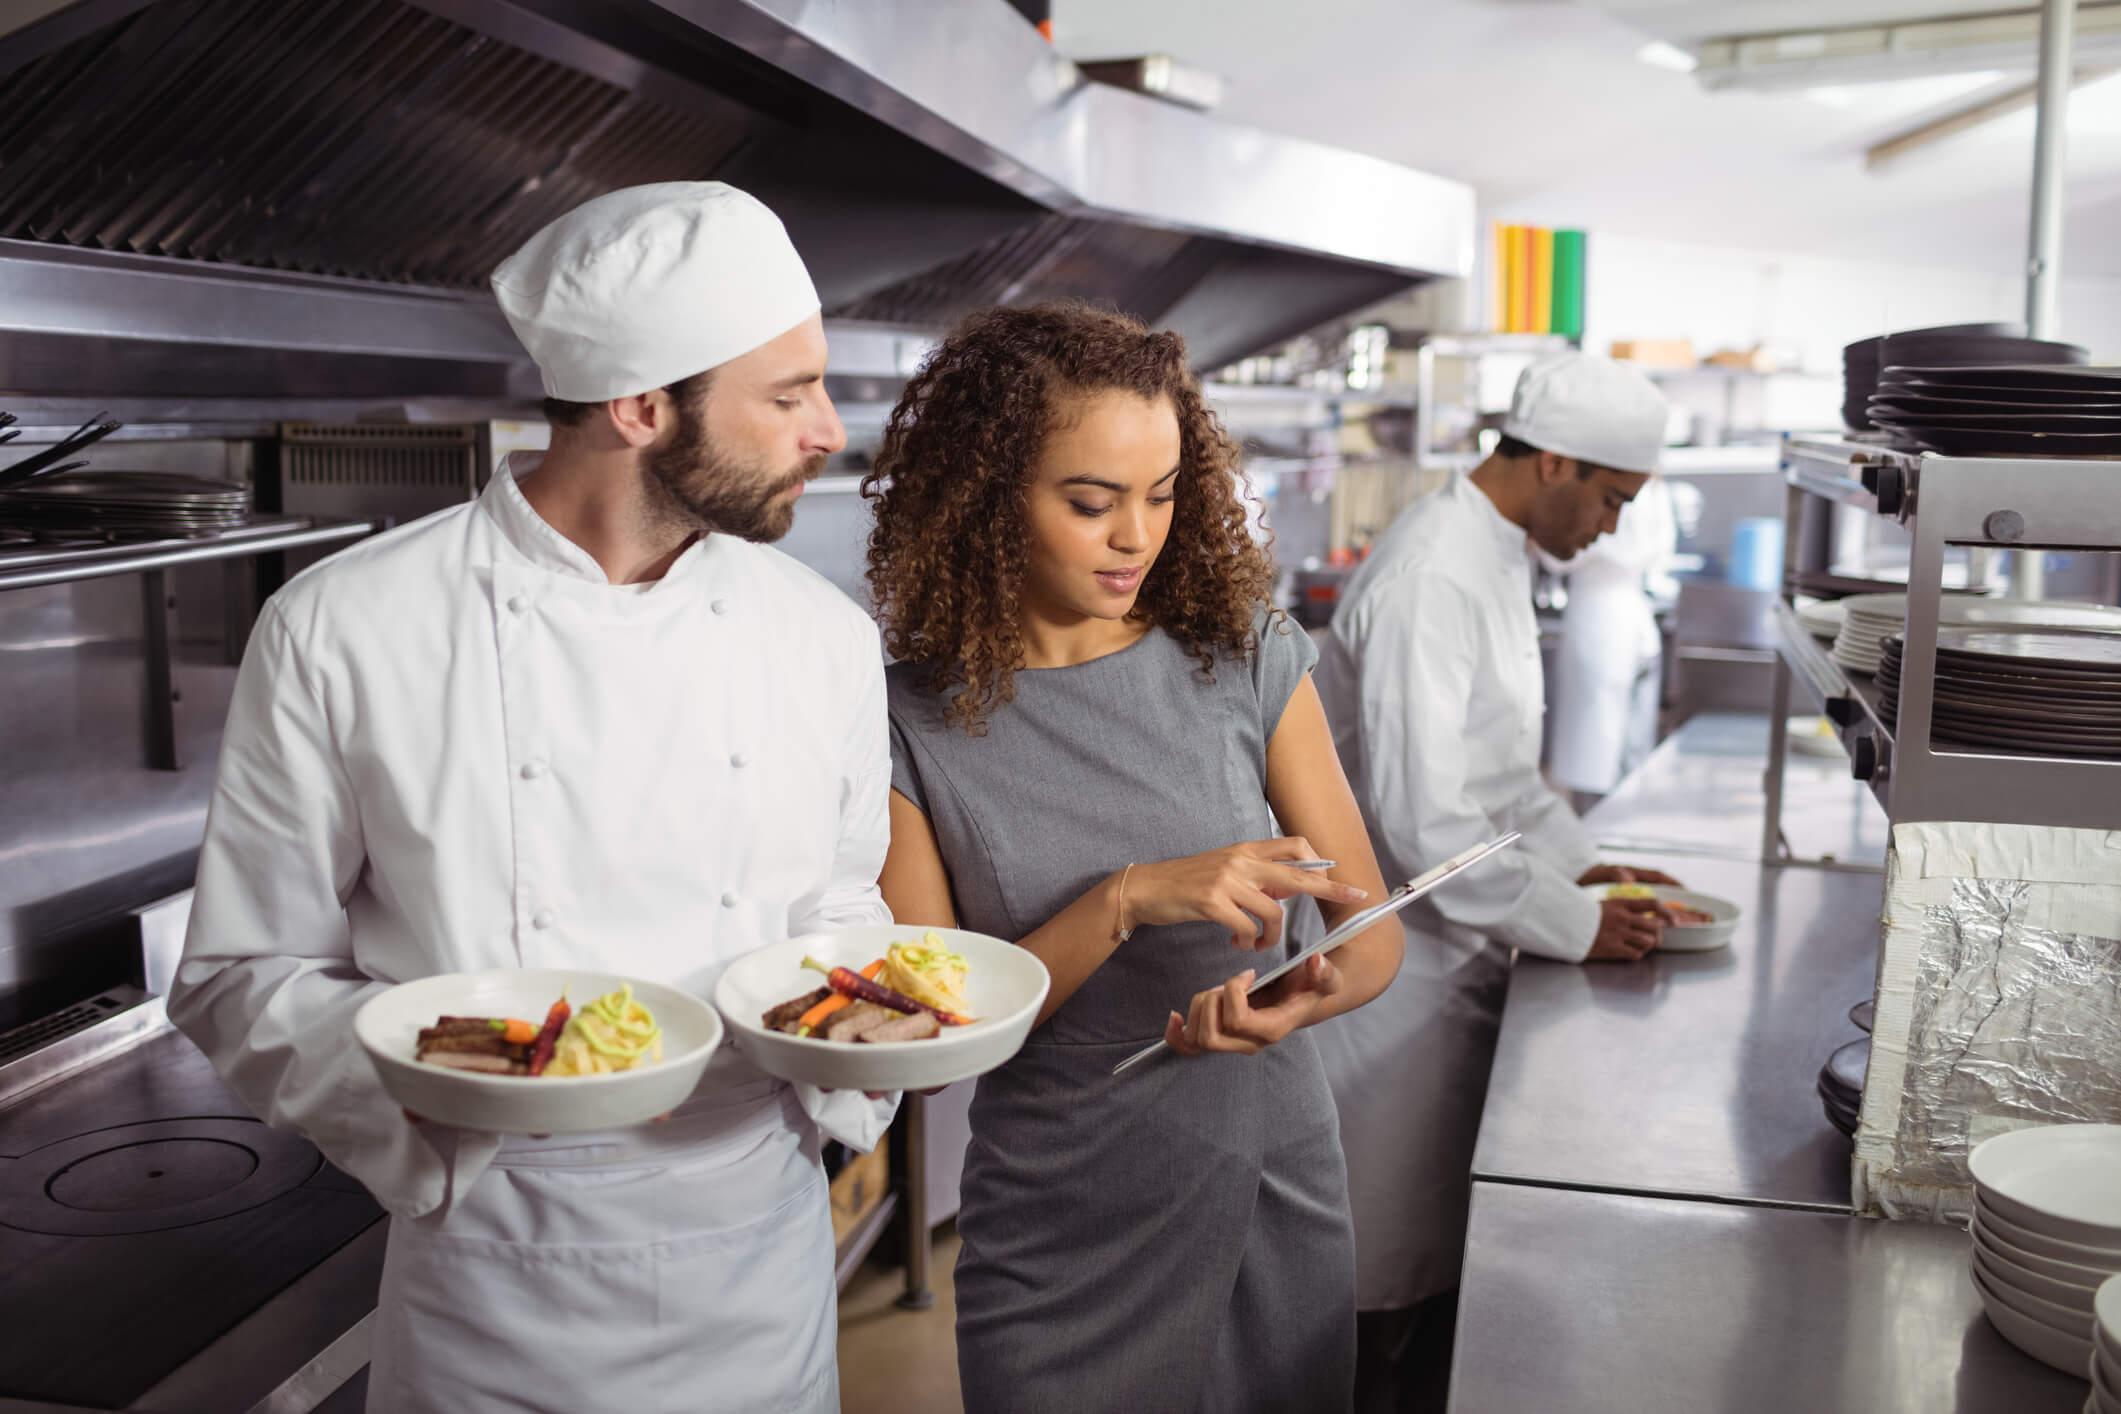 3-erros-na-gestao-de-restaurantes-corporativos-que-voce-deve-evitar.jpeg